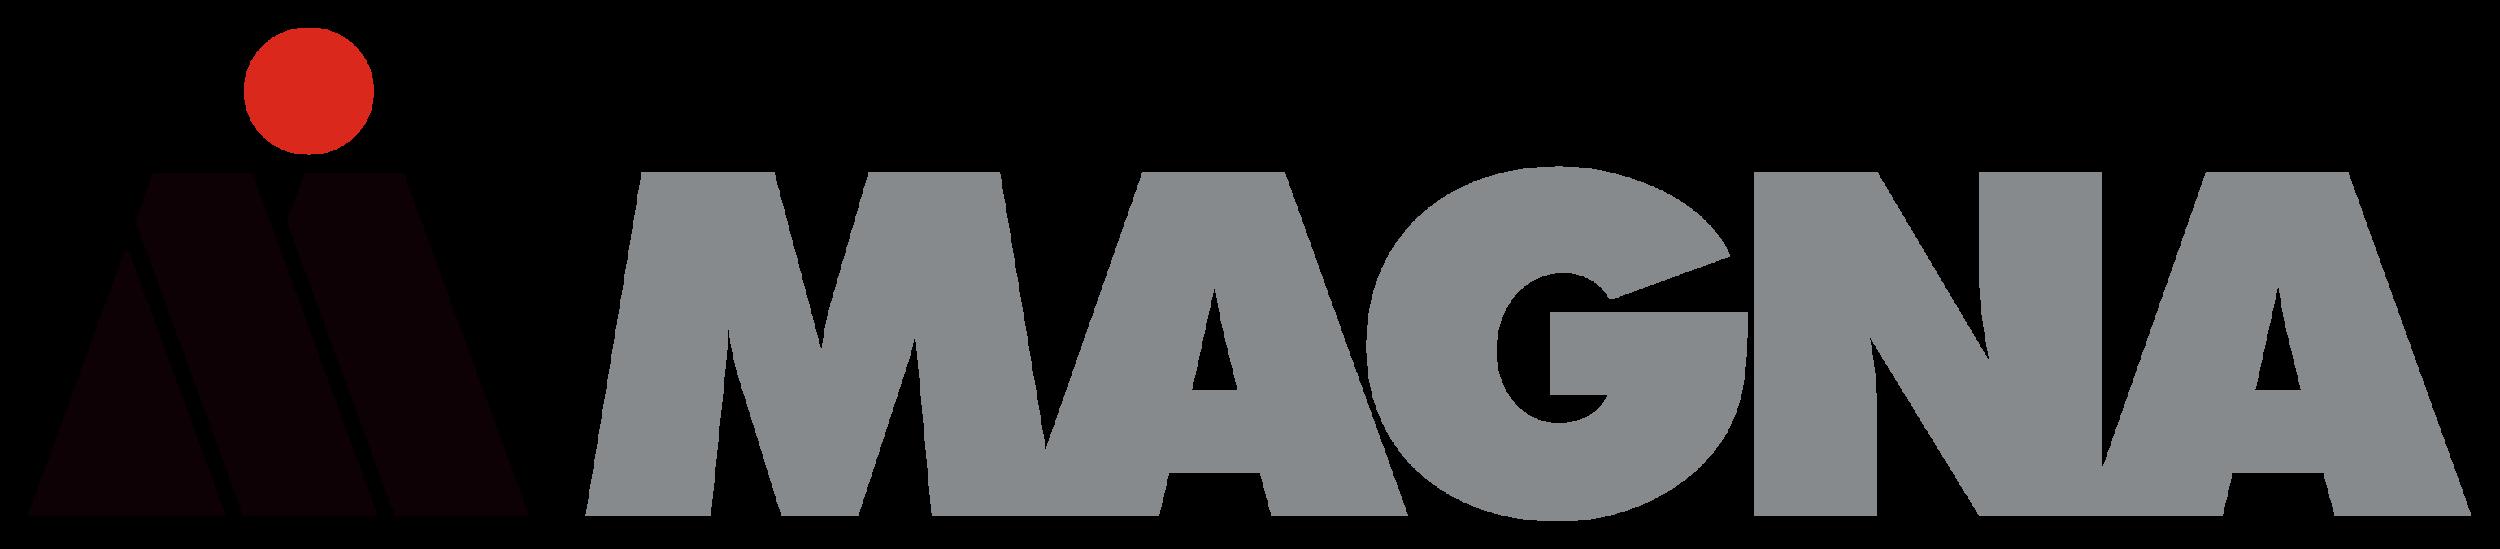 Magna-Logo-HR-V1.0.png